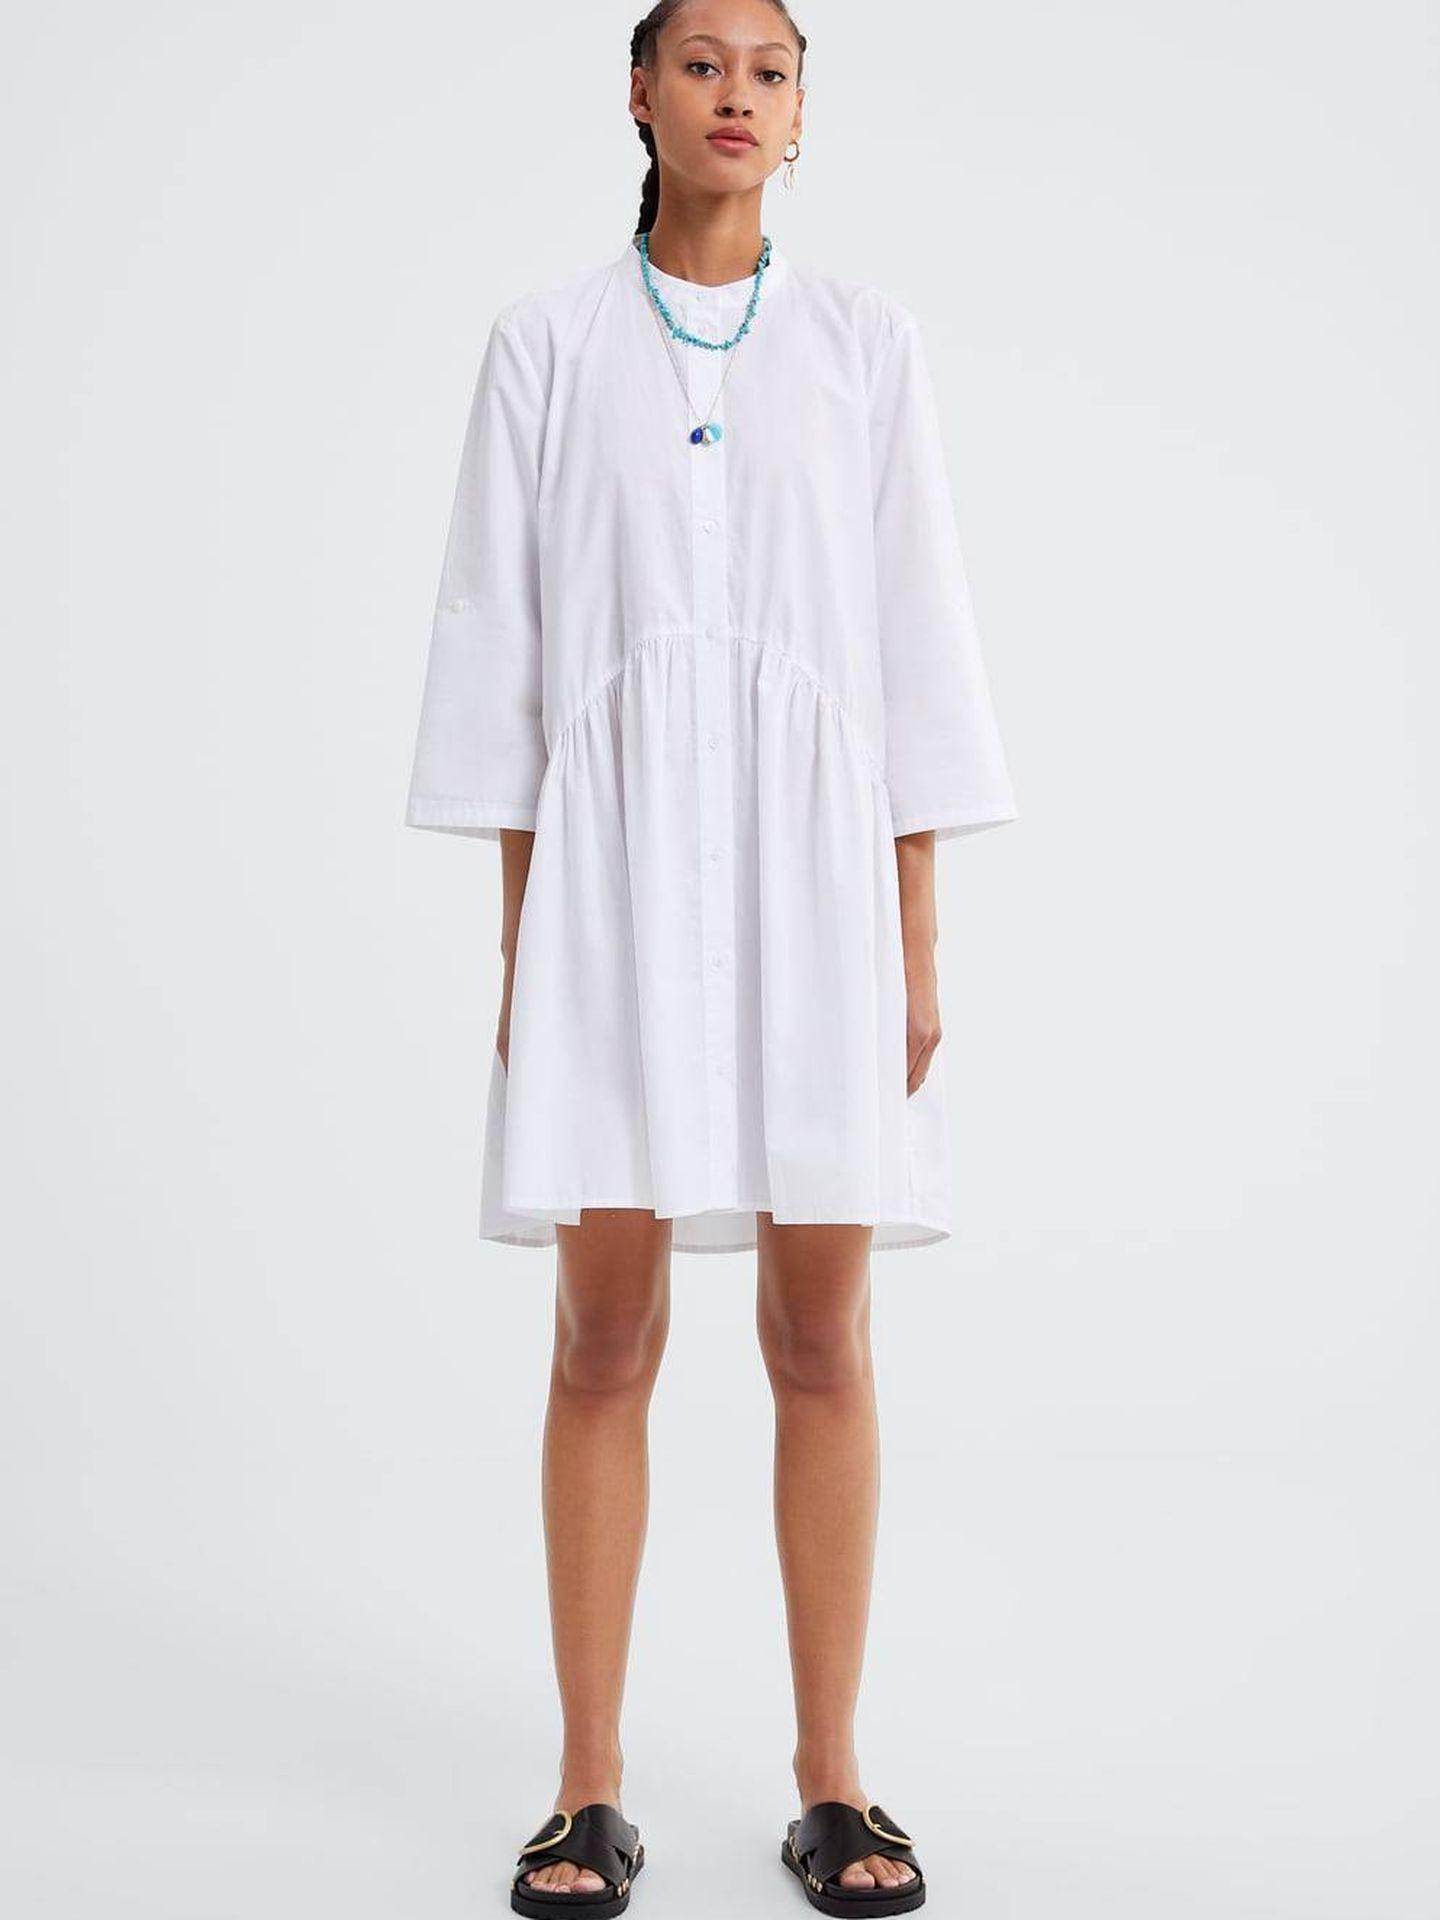 El vestido de Zara que lleva Pippa Middleton. (Cortesía)